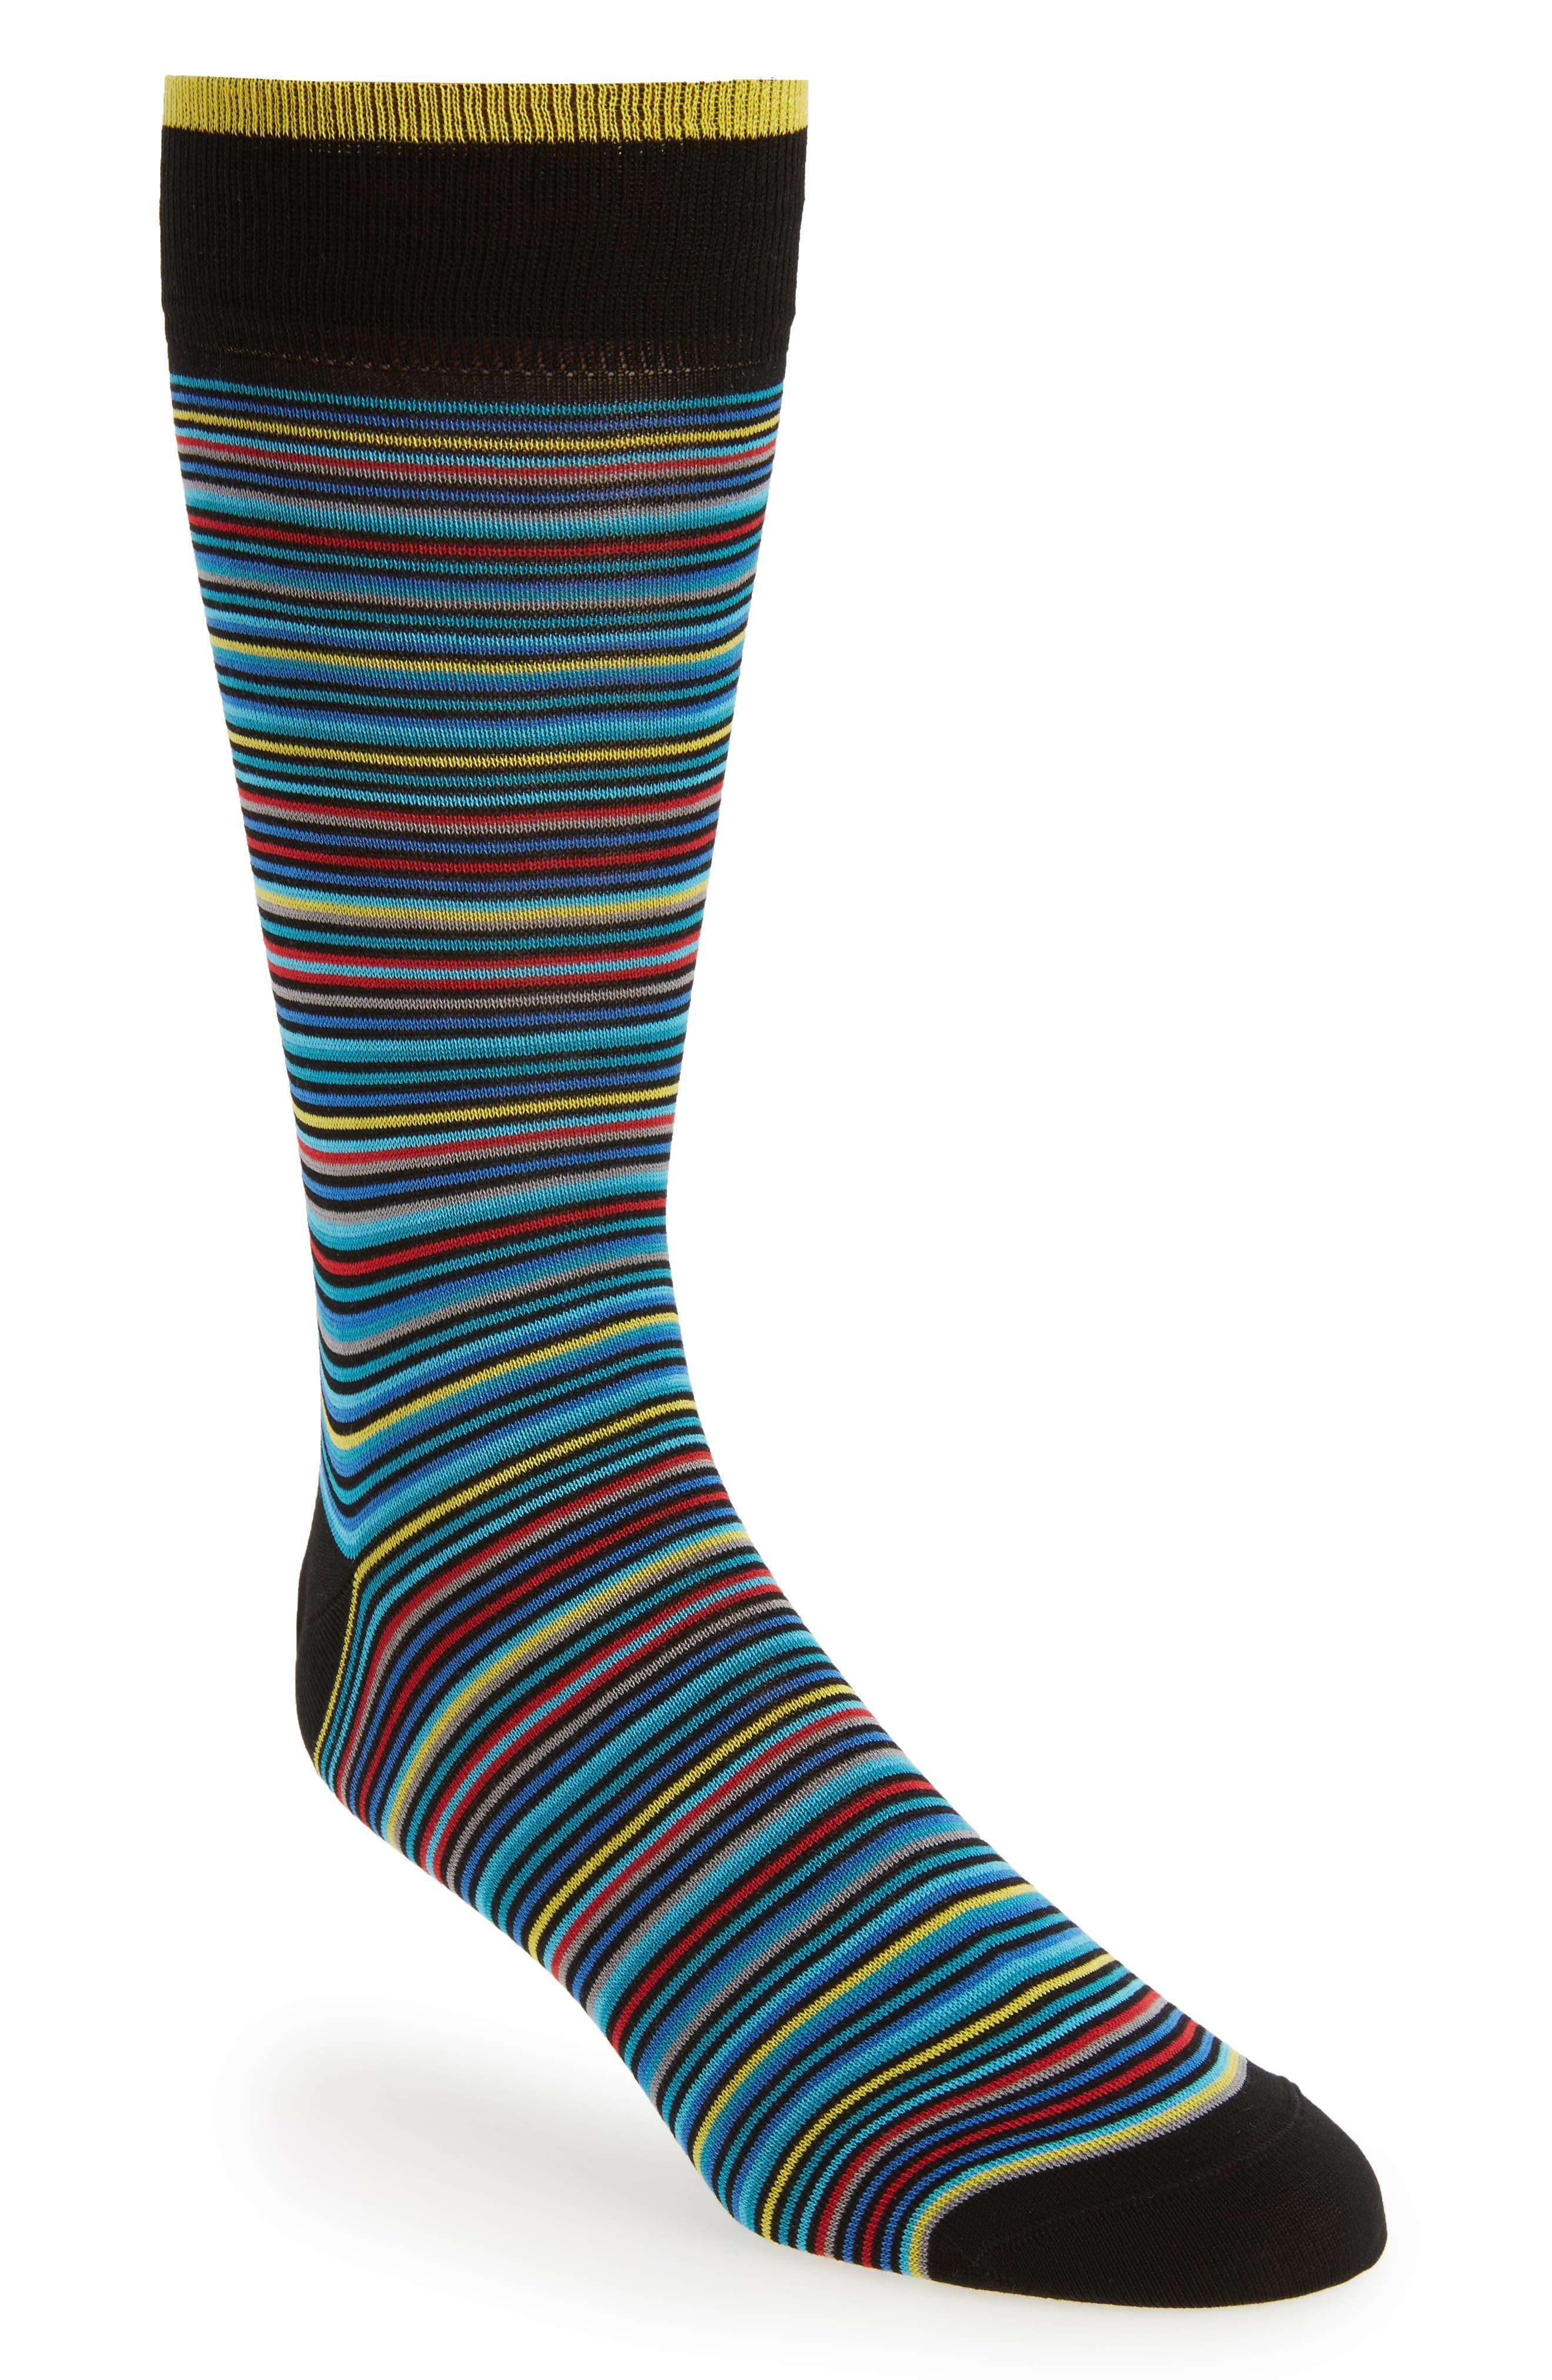 Stripe Crew Socks,                             Main thumbnail 1, color,                             Black Multi